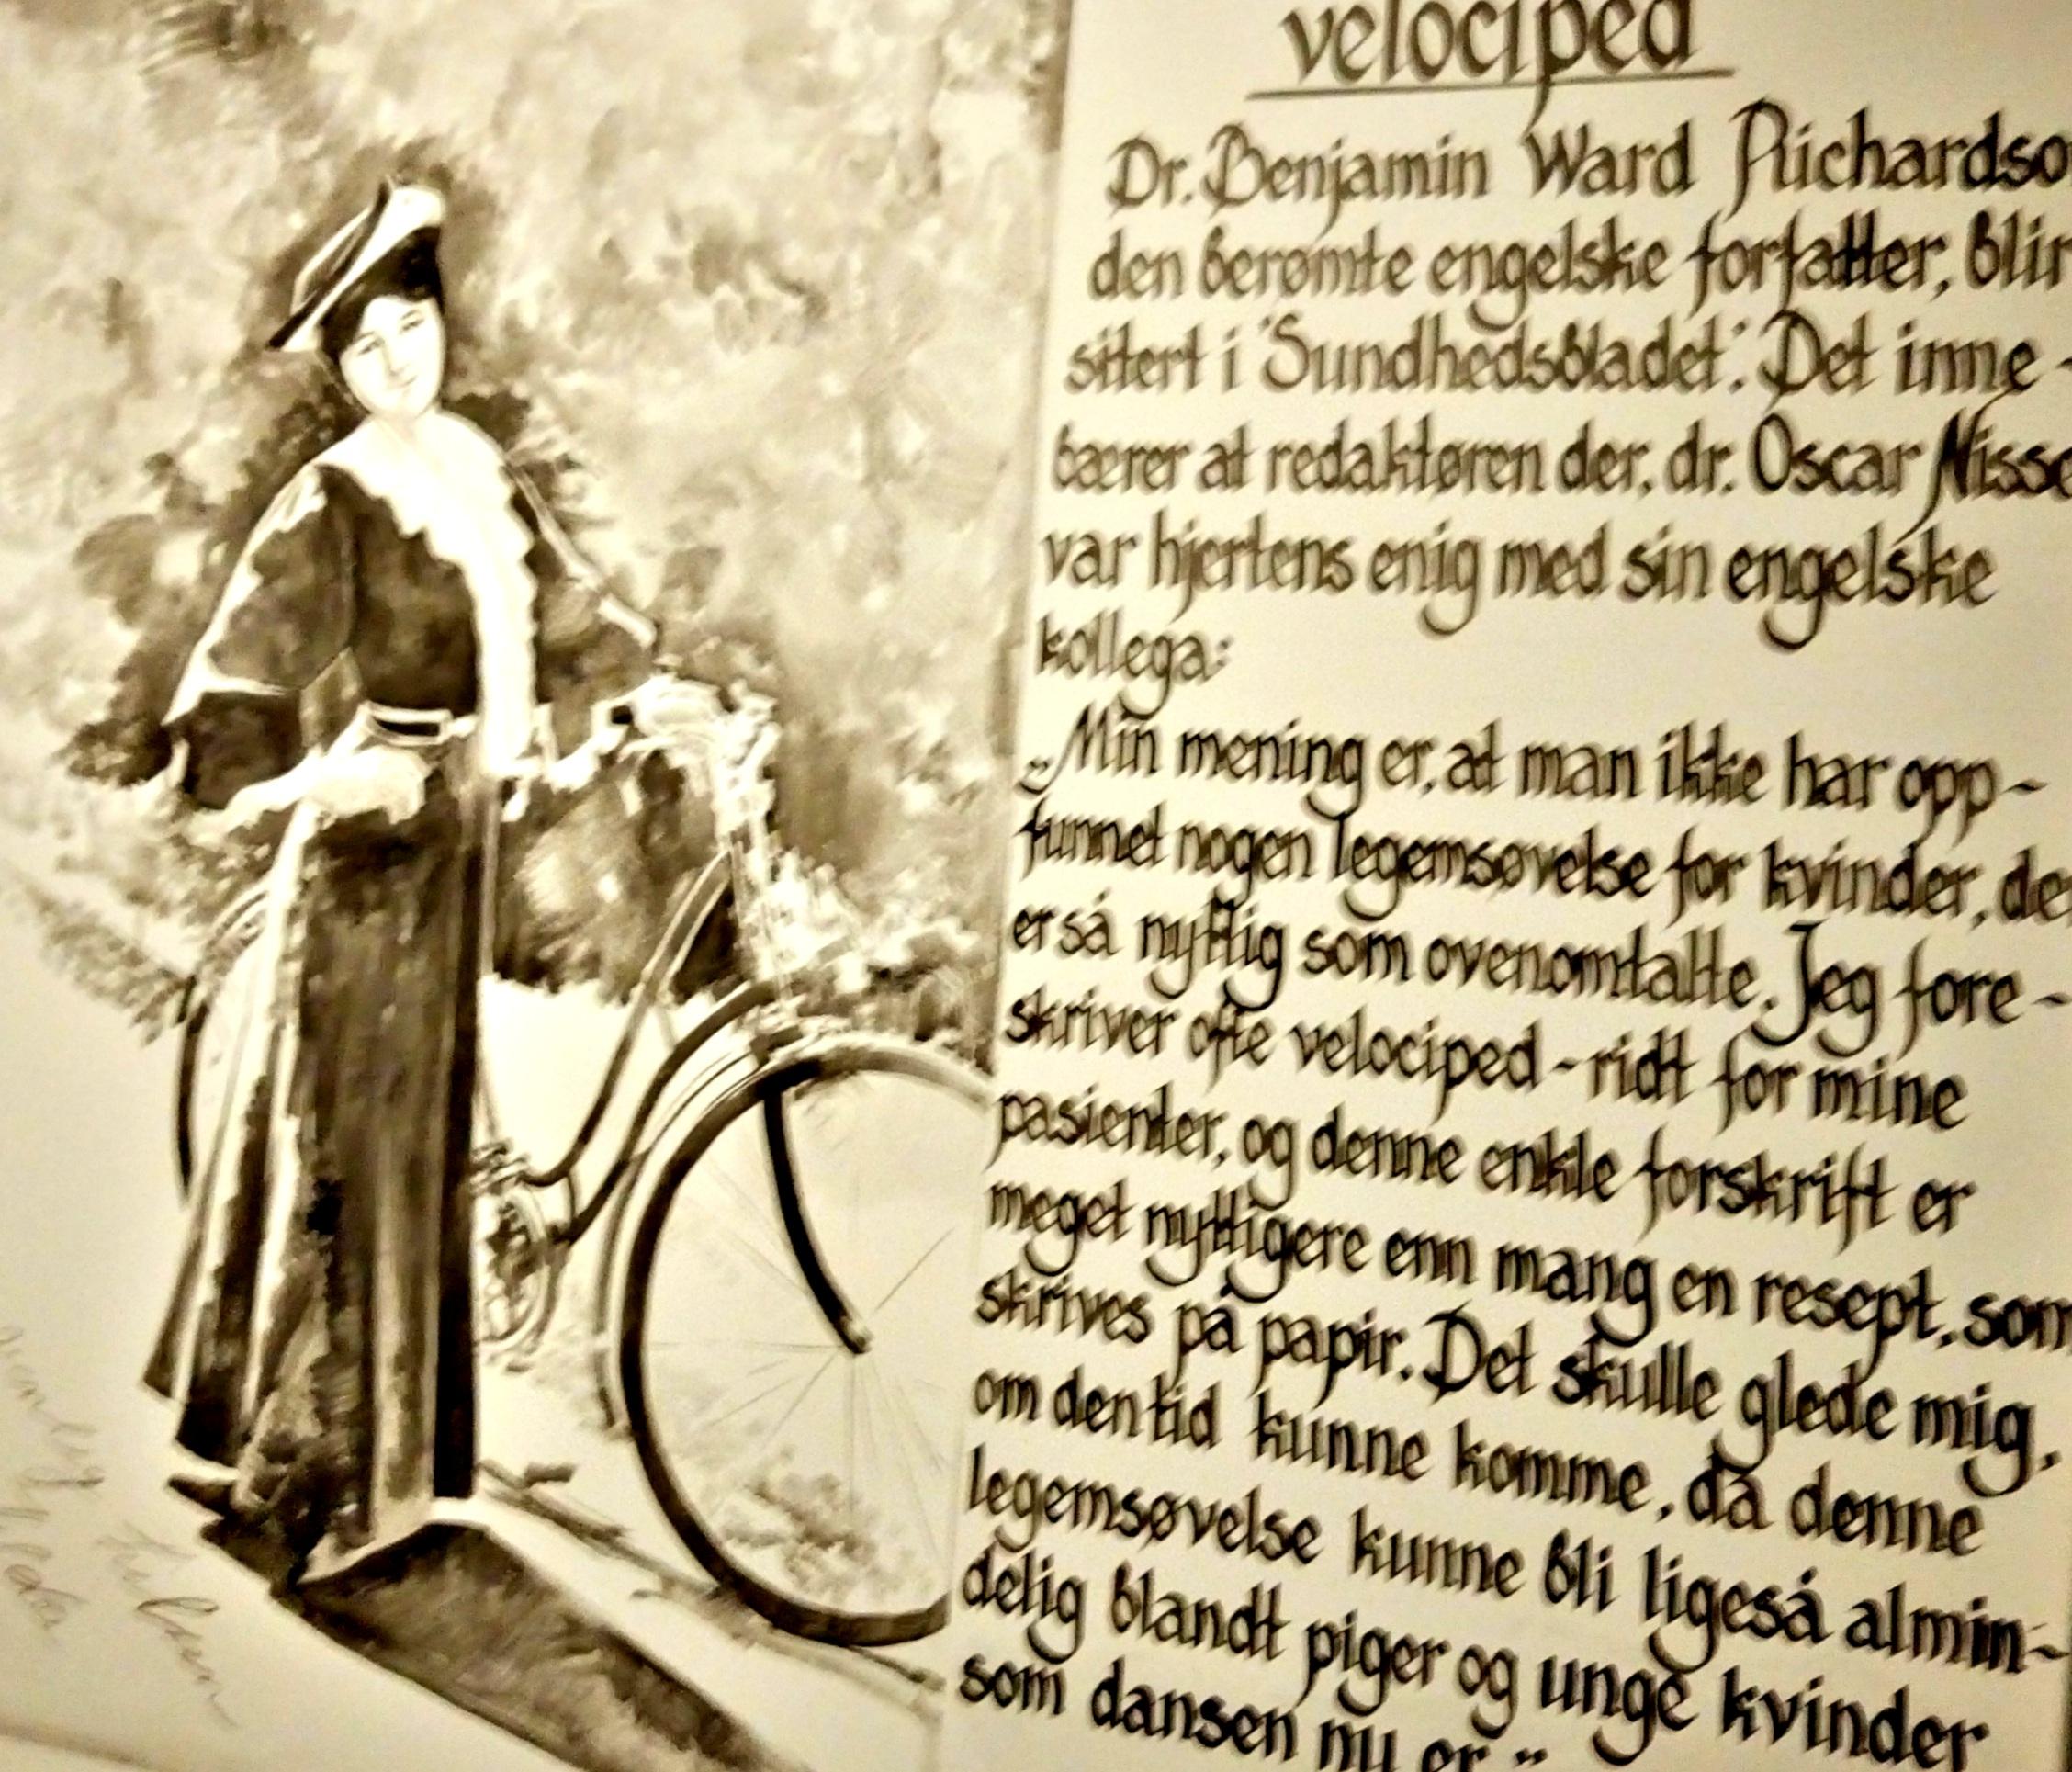 VEGGPRYD: IkKorridorene på hotellet finnes mang en historie fra de gamle dager.. Ta deg tiden til å stoppe og lese!